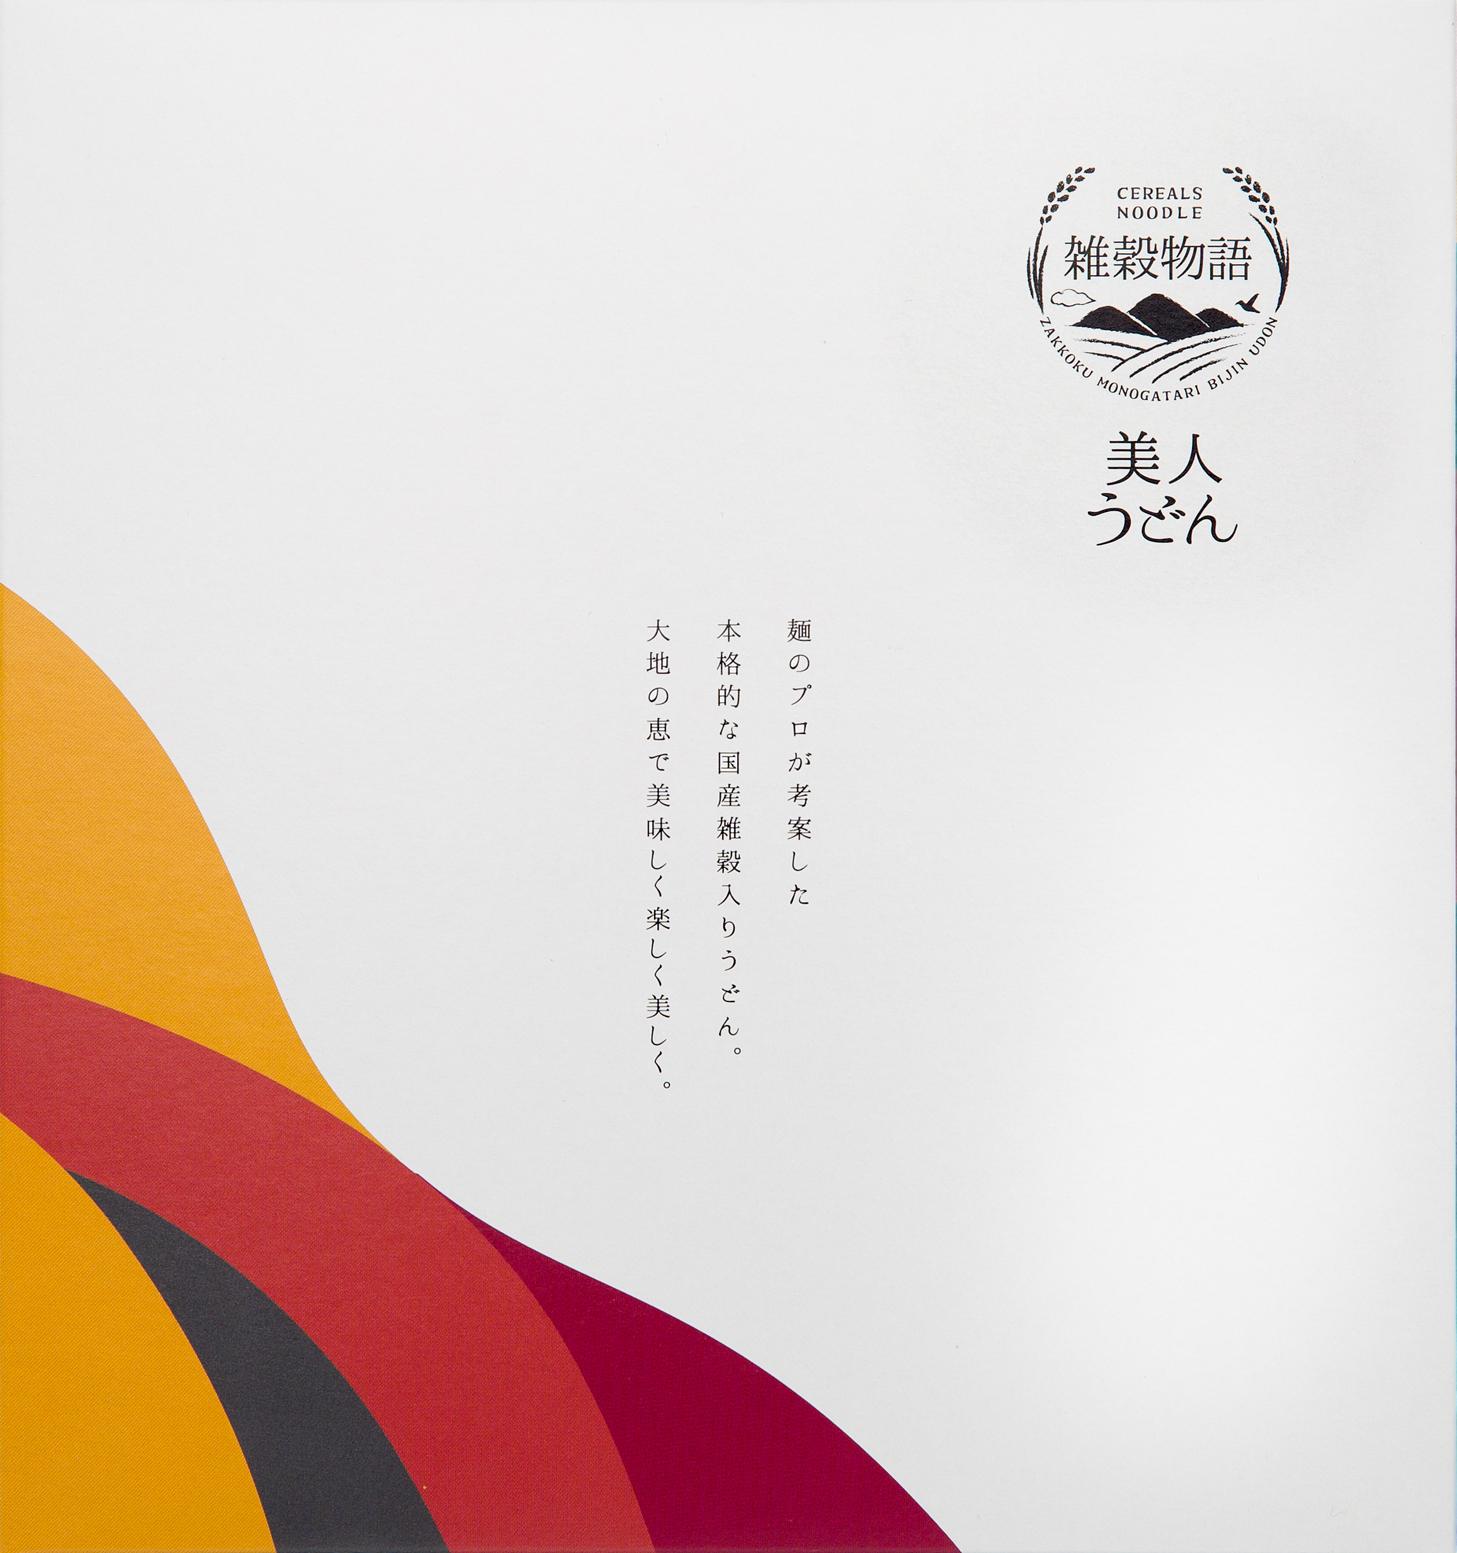 【岡山県】美人うどん 三穀(黒豆・もち麦・赤米) 3種セット【産地直送・同梱不可】